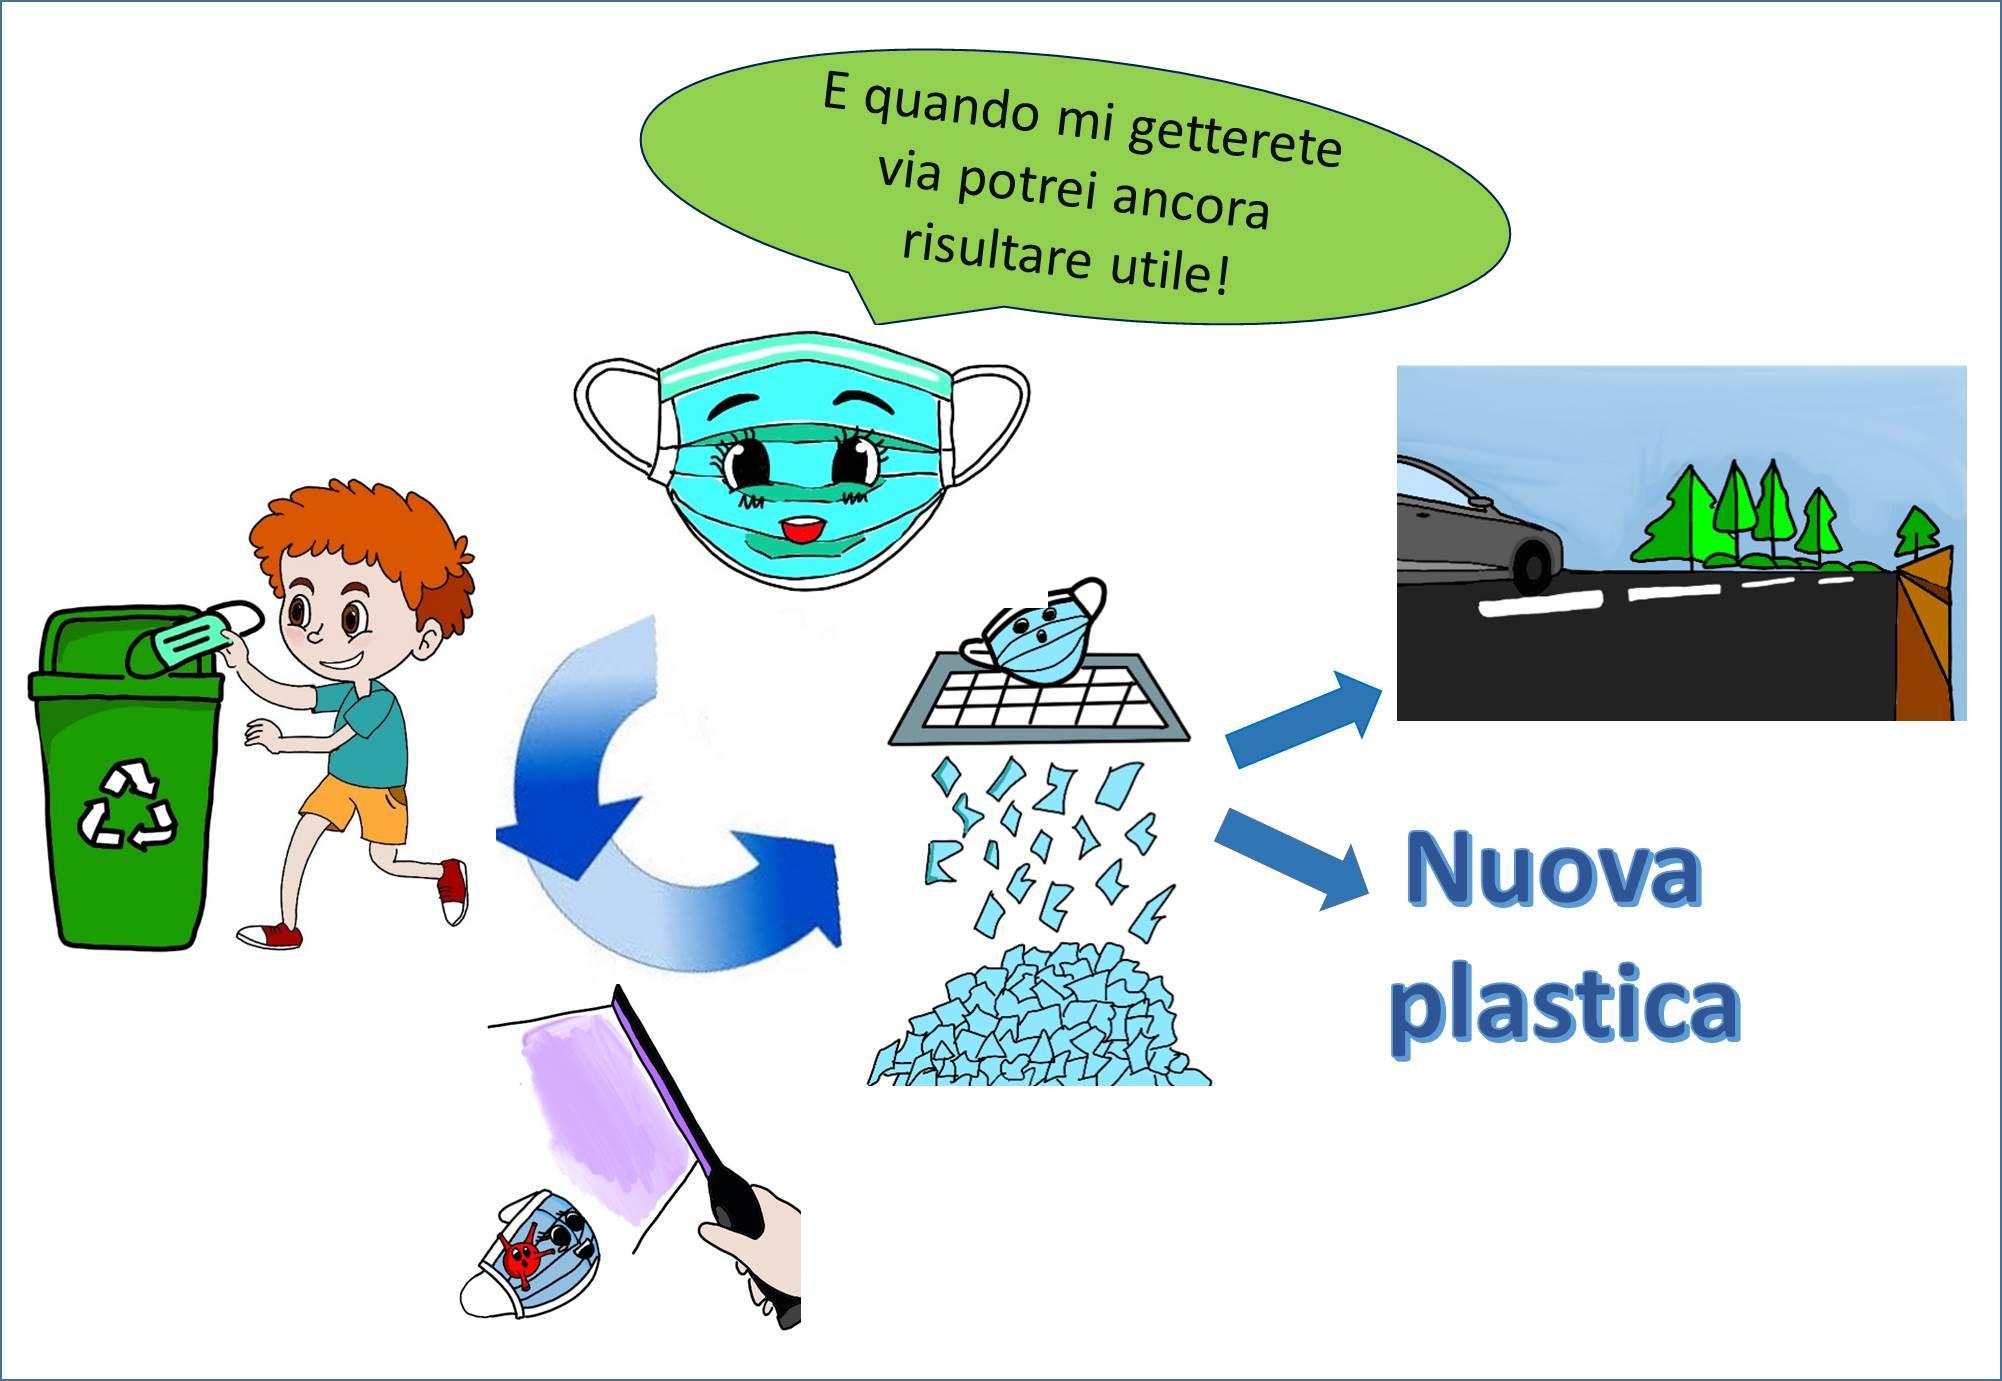 Rina ci fa vedere alcuni esempi di come, una volta utilizzata e disinfettata, potrebbe assumere nuovi, dignitosissimi ruoli come diventare plastica da rinforzo per altri oggetti o per cementi.